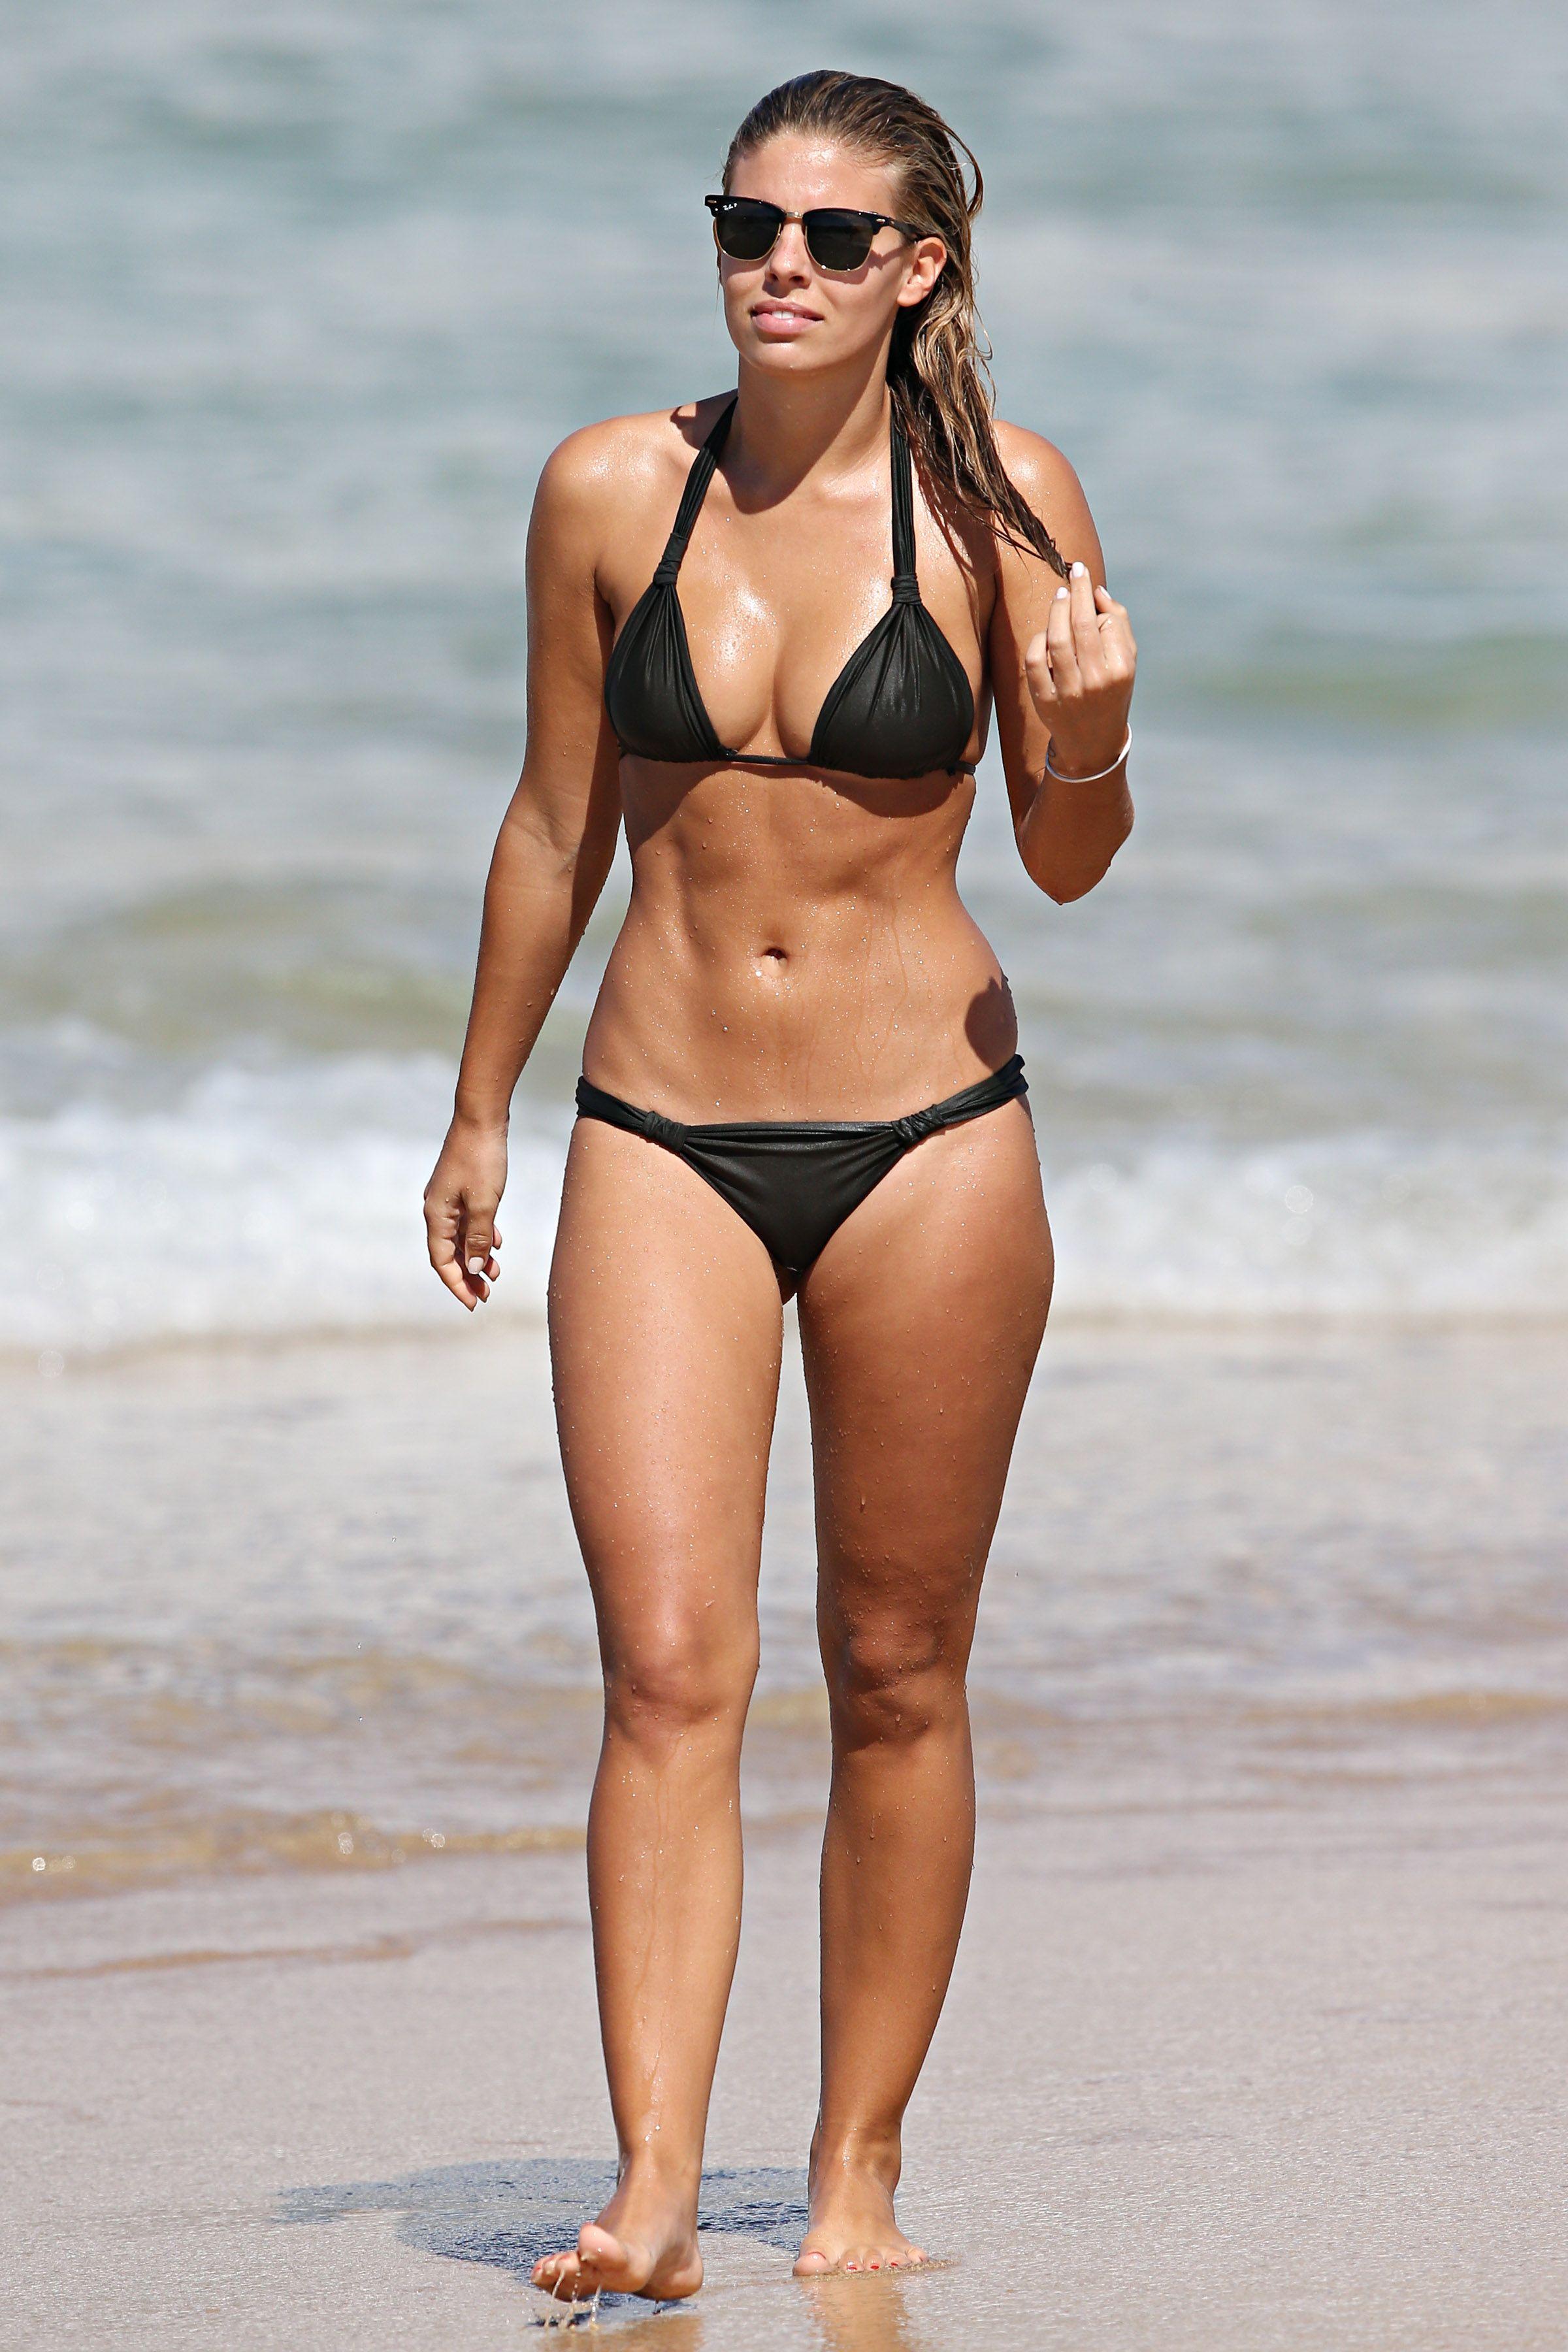 Hot Natasha Oakley nude (34 foto and video), Pussy, Paparazzi, Boobs, cameltoe 2006